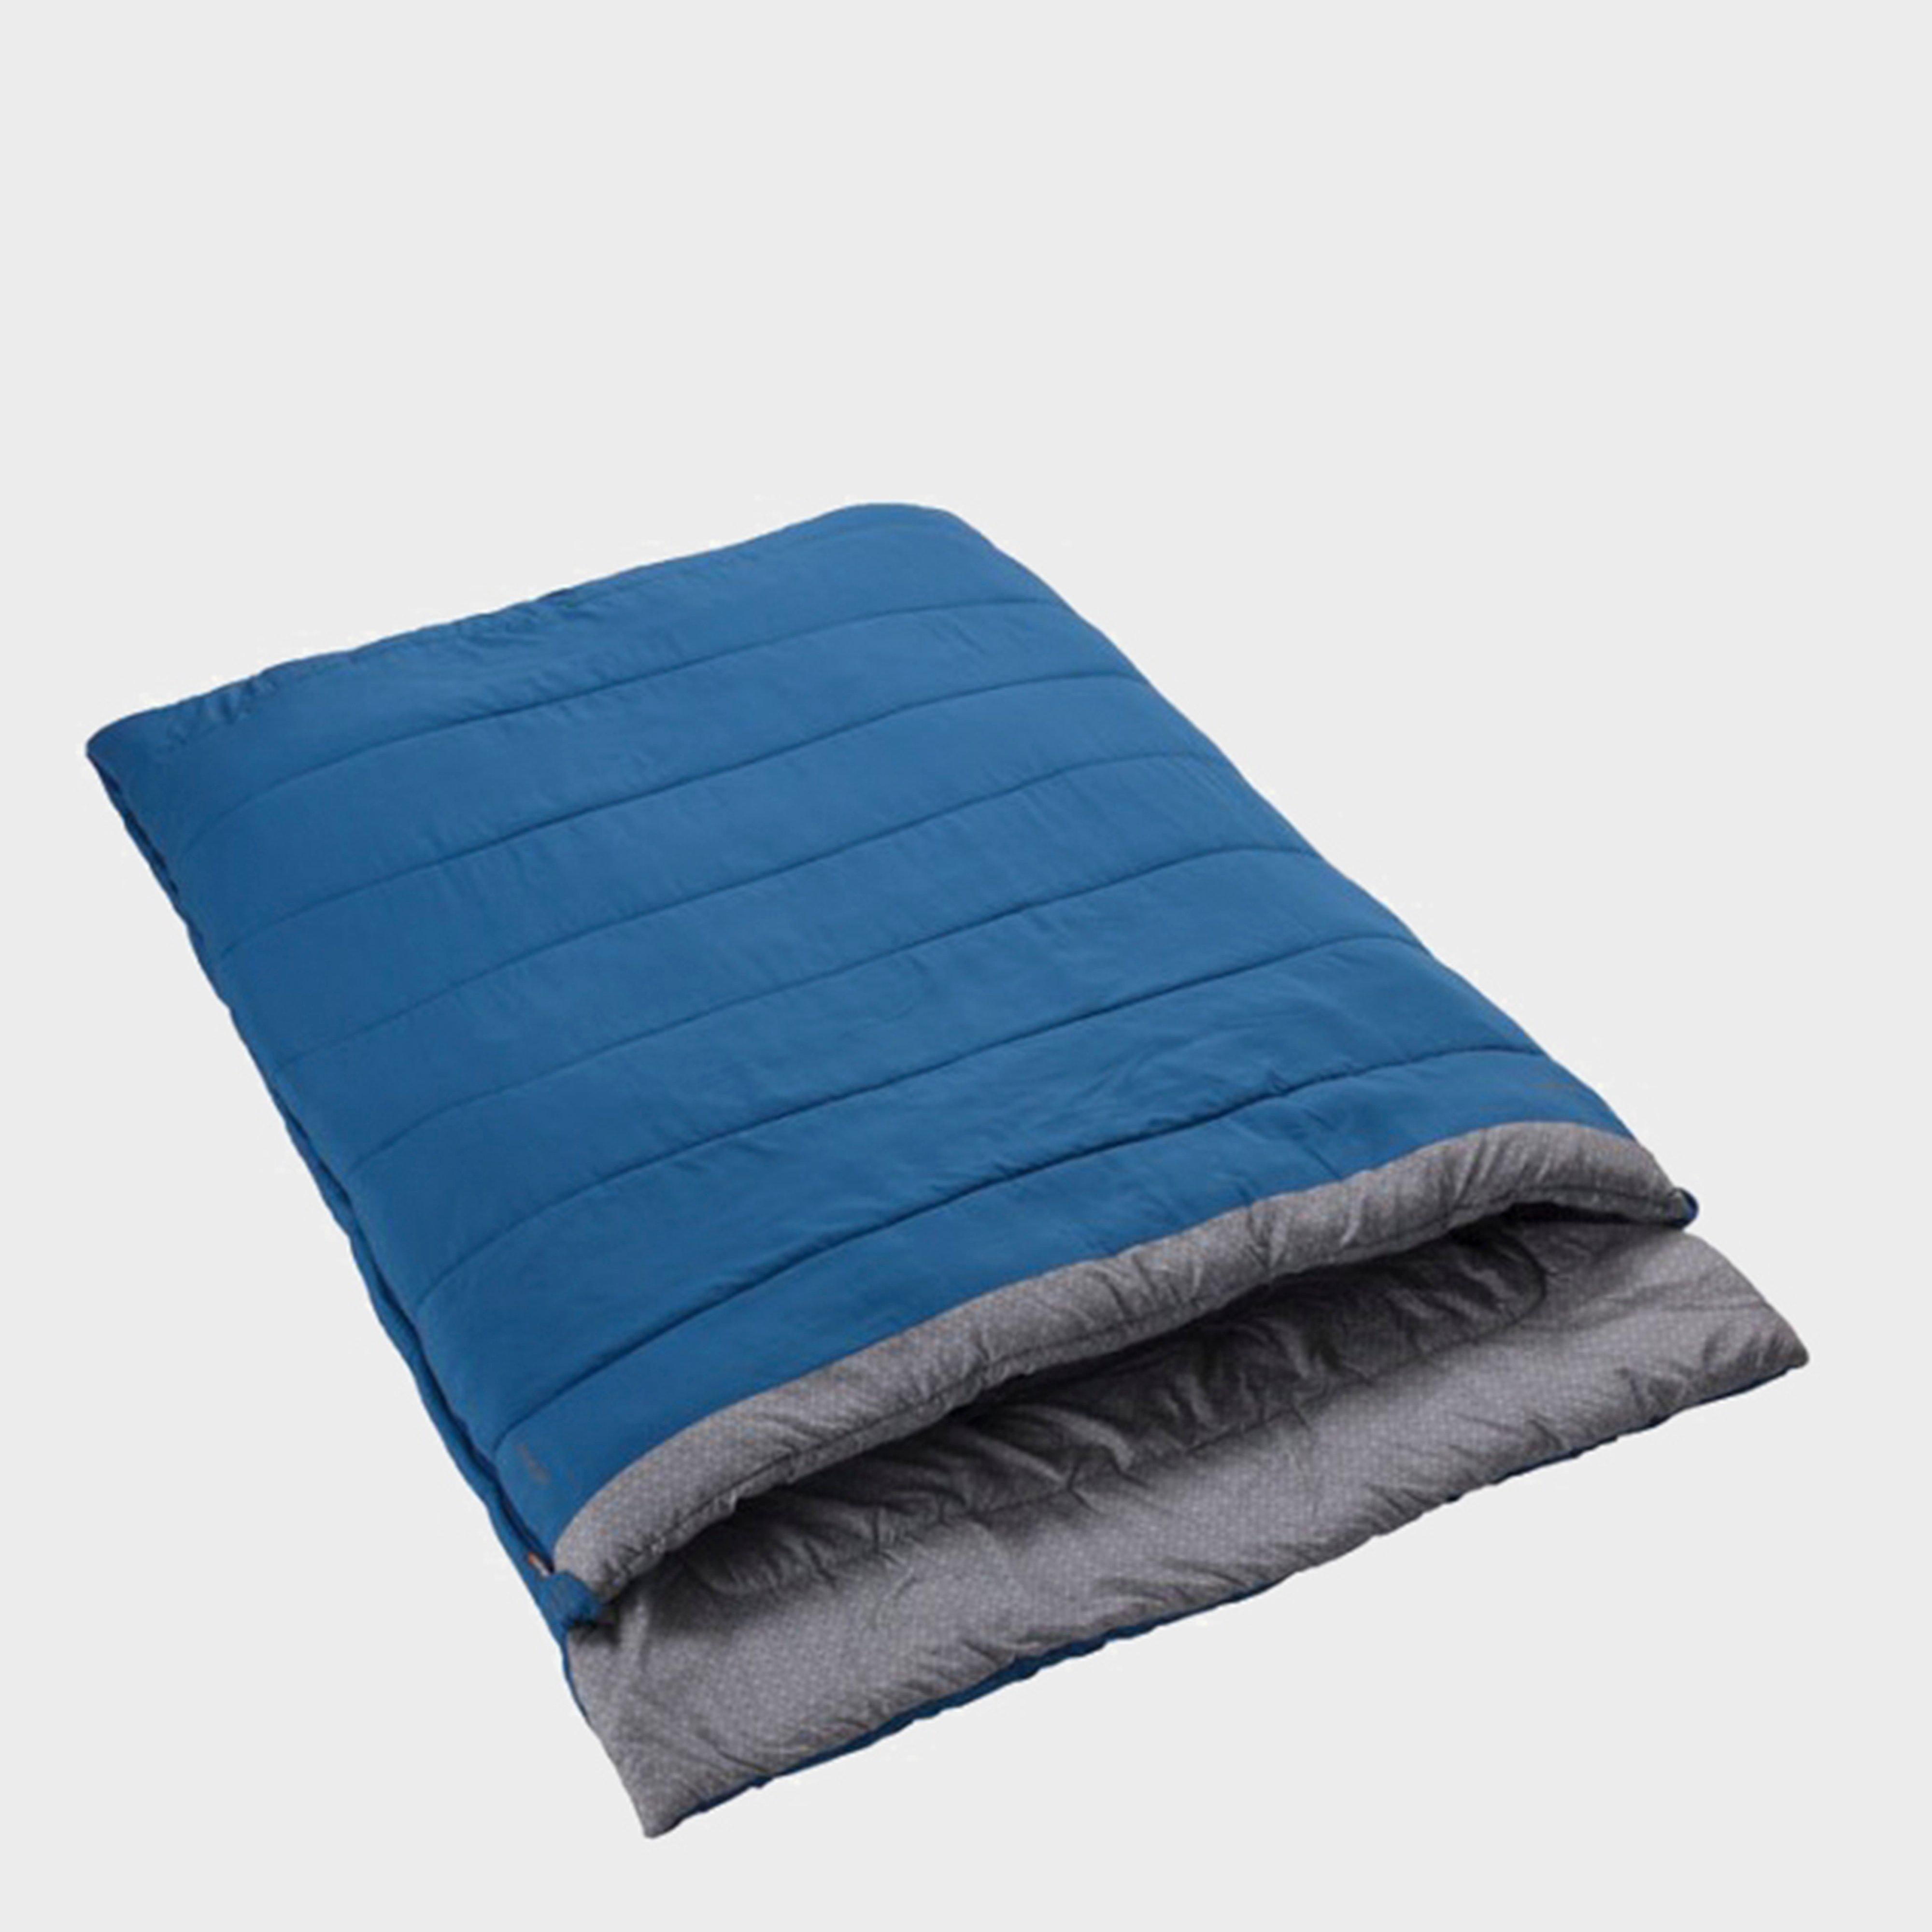 Vango Harmony Double Sleeping Bag - Tent Buyer